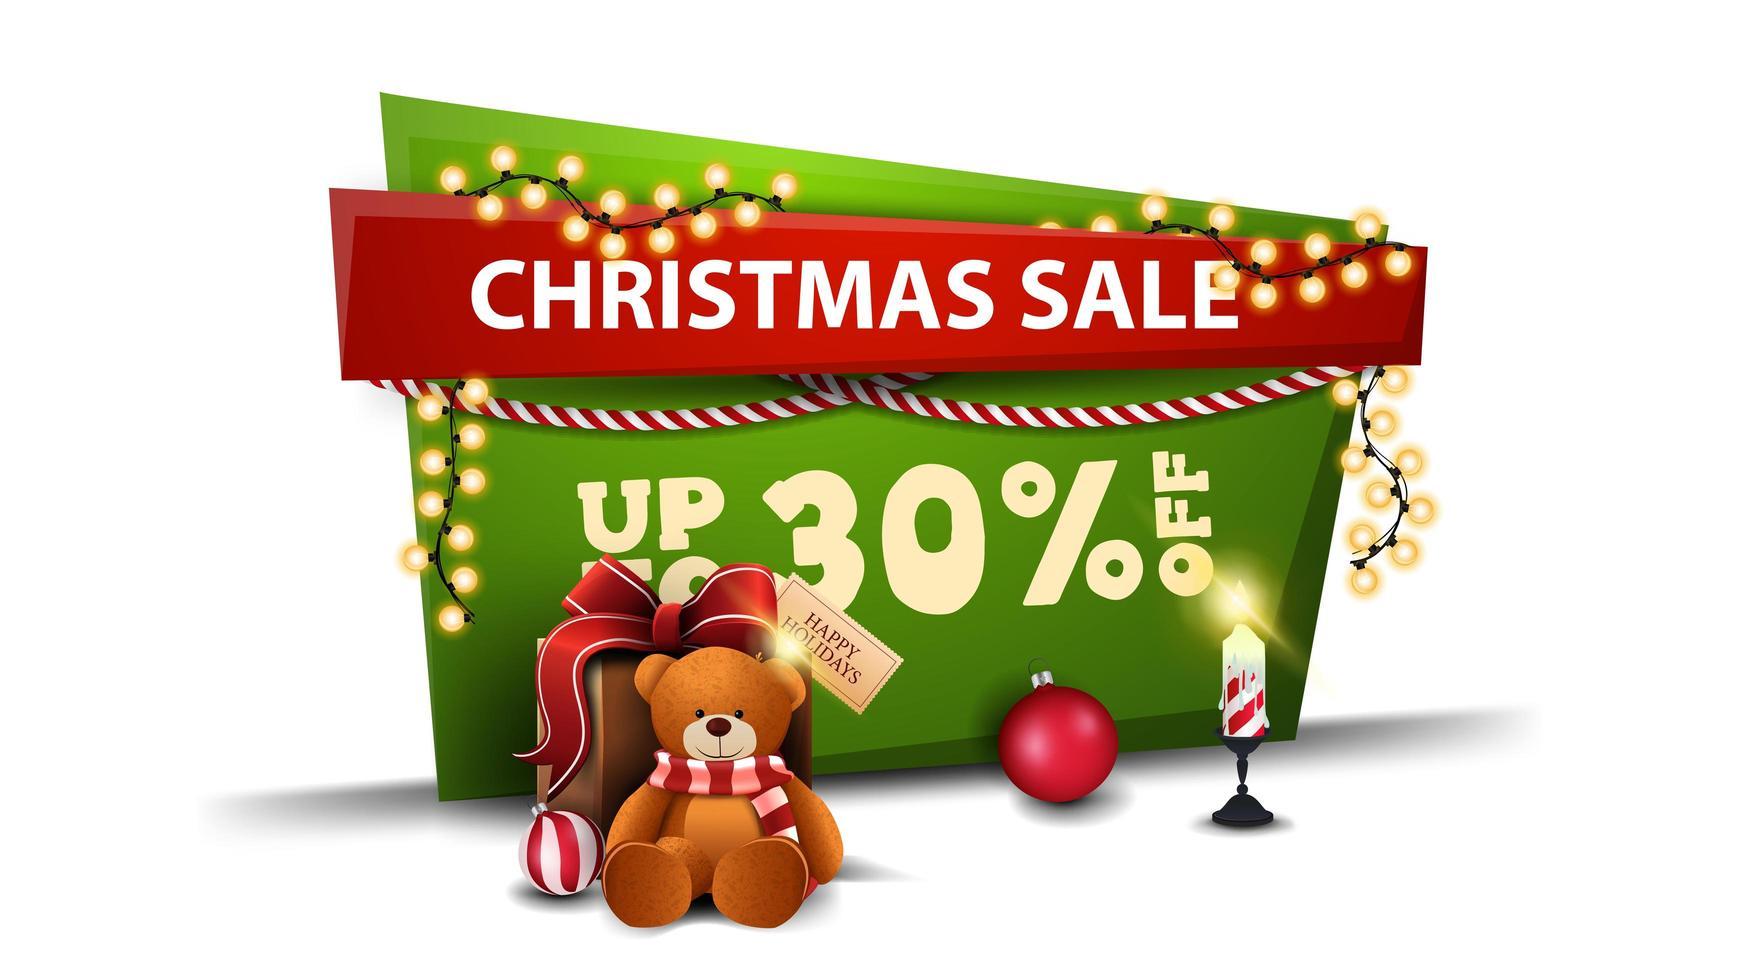 vente de Noël, jusqu'à 30 de réduction, bannière de réduction verte et rouge en style cartoon avec guirlande et cadeau avec ours en peluche vecteur